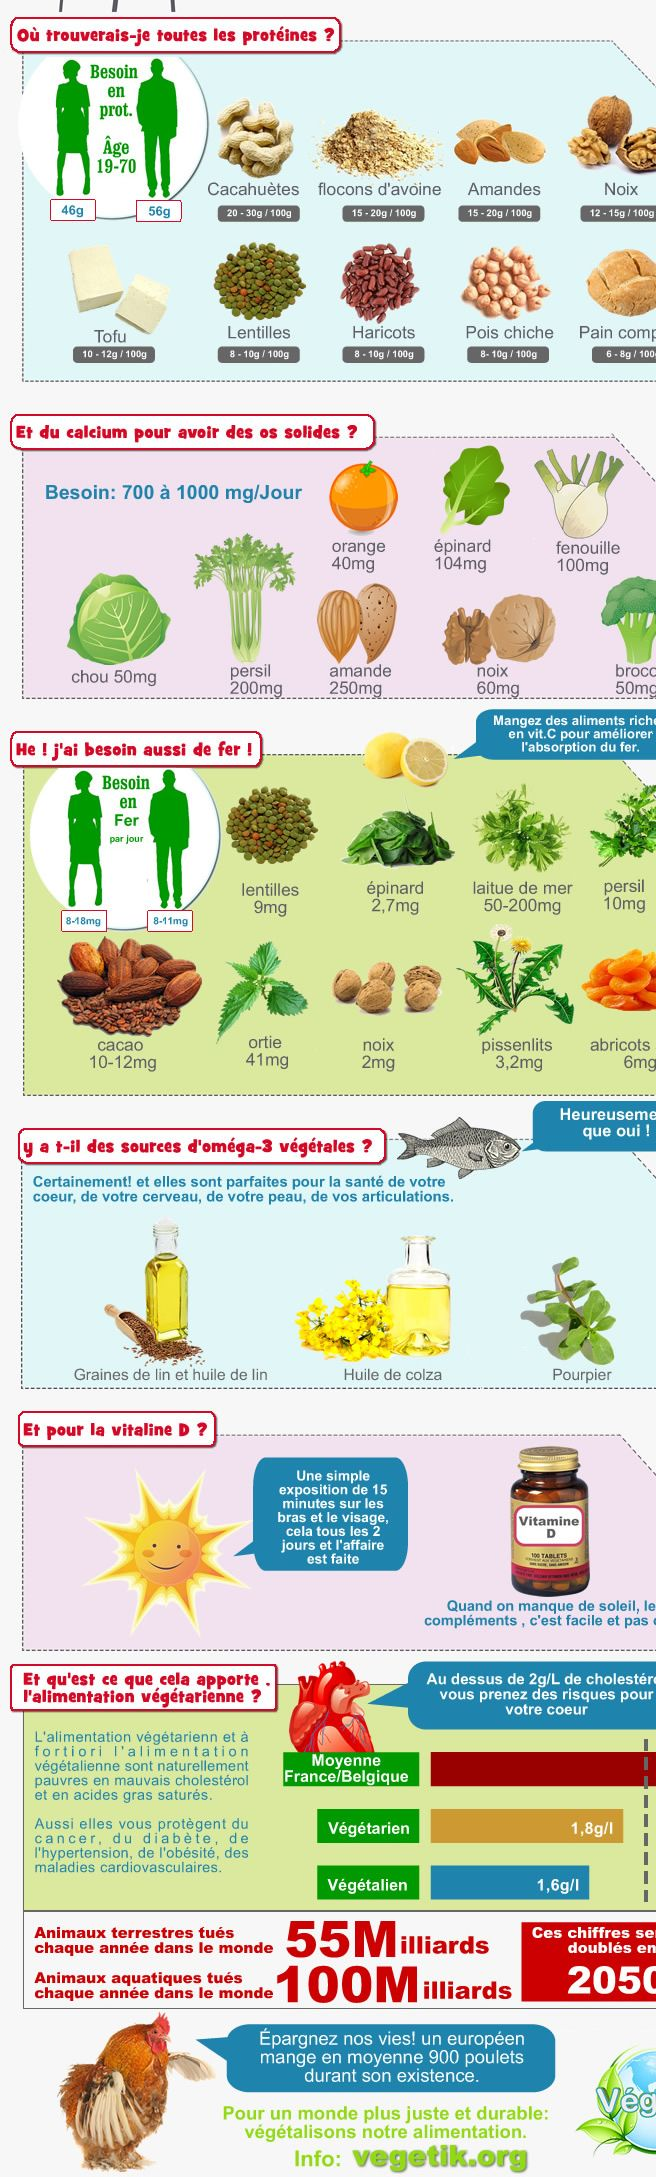 Où trouver fer, calcium, protéines, ailleurs que dans la viande et les produits laitiers  : association végétarienne Belgique Wallonie Bruxelles